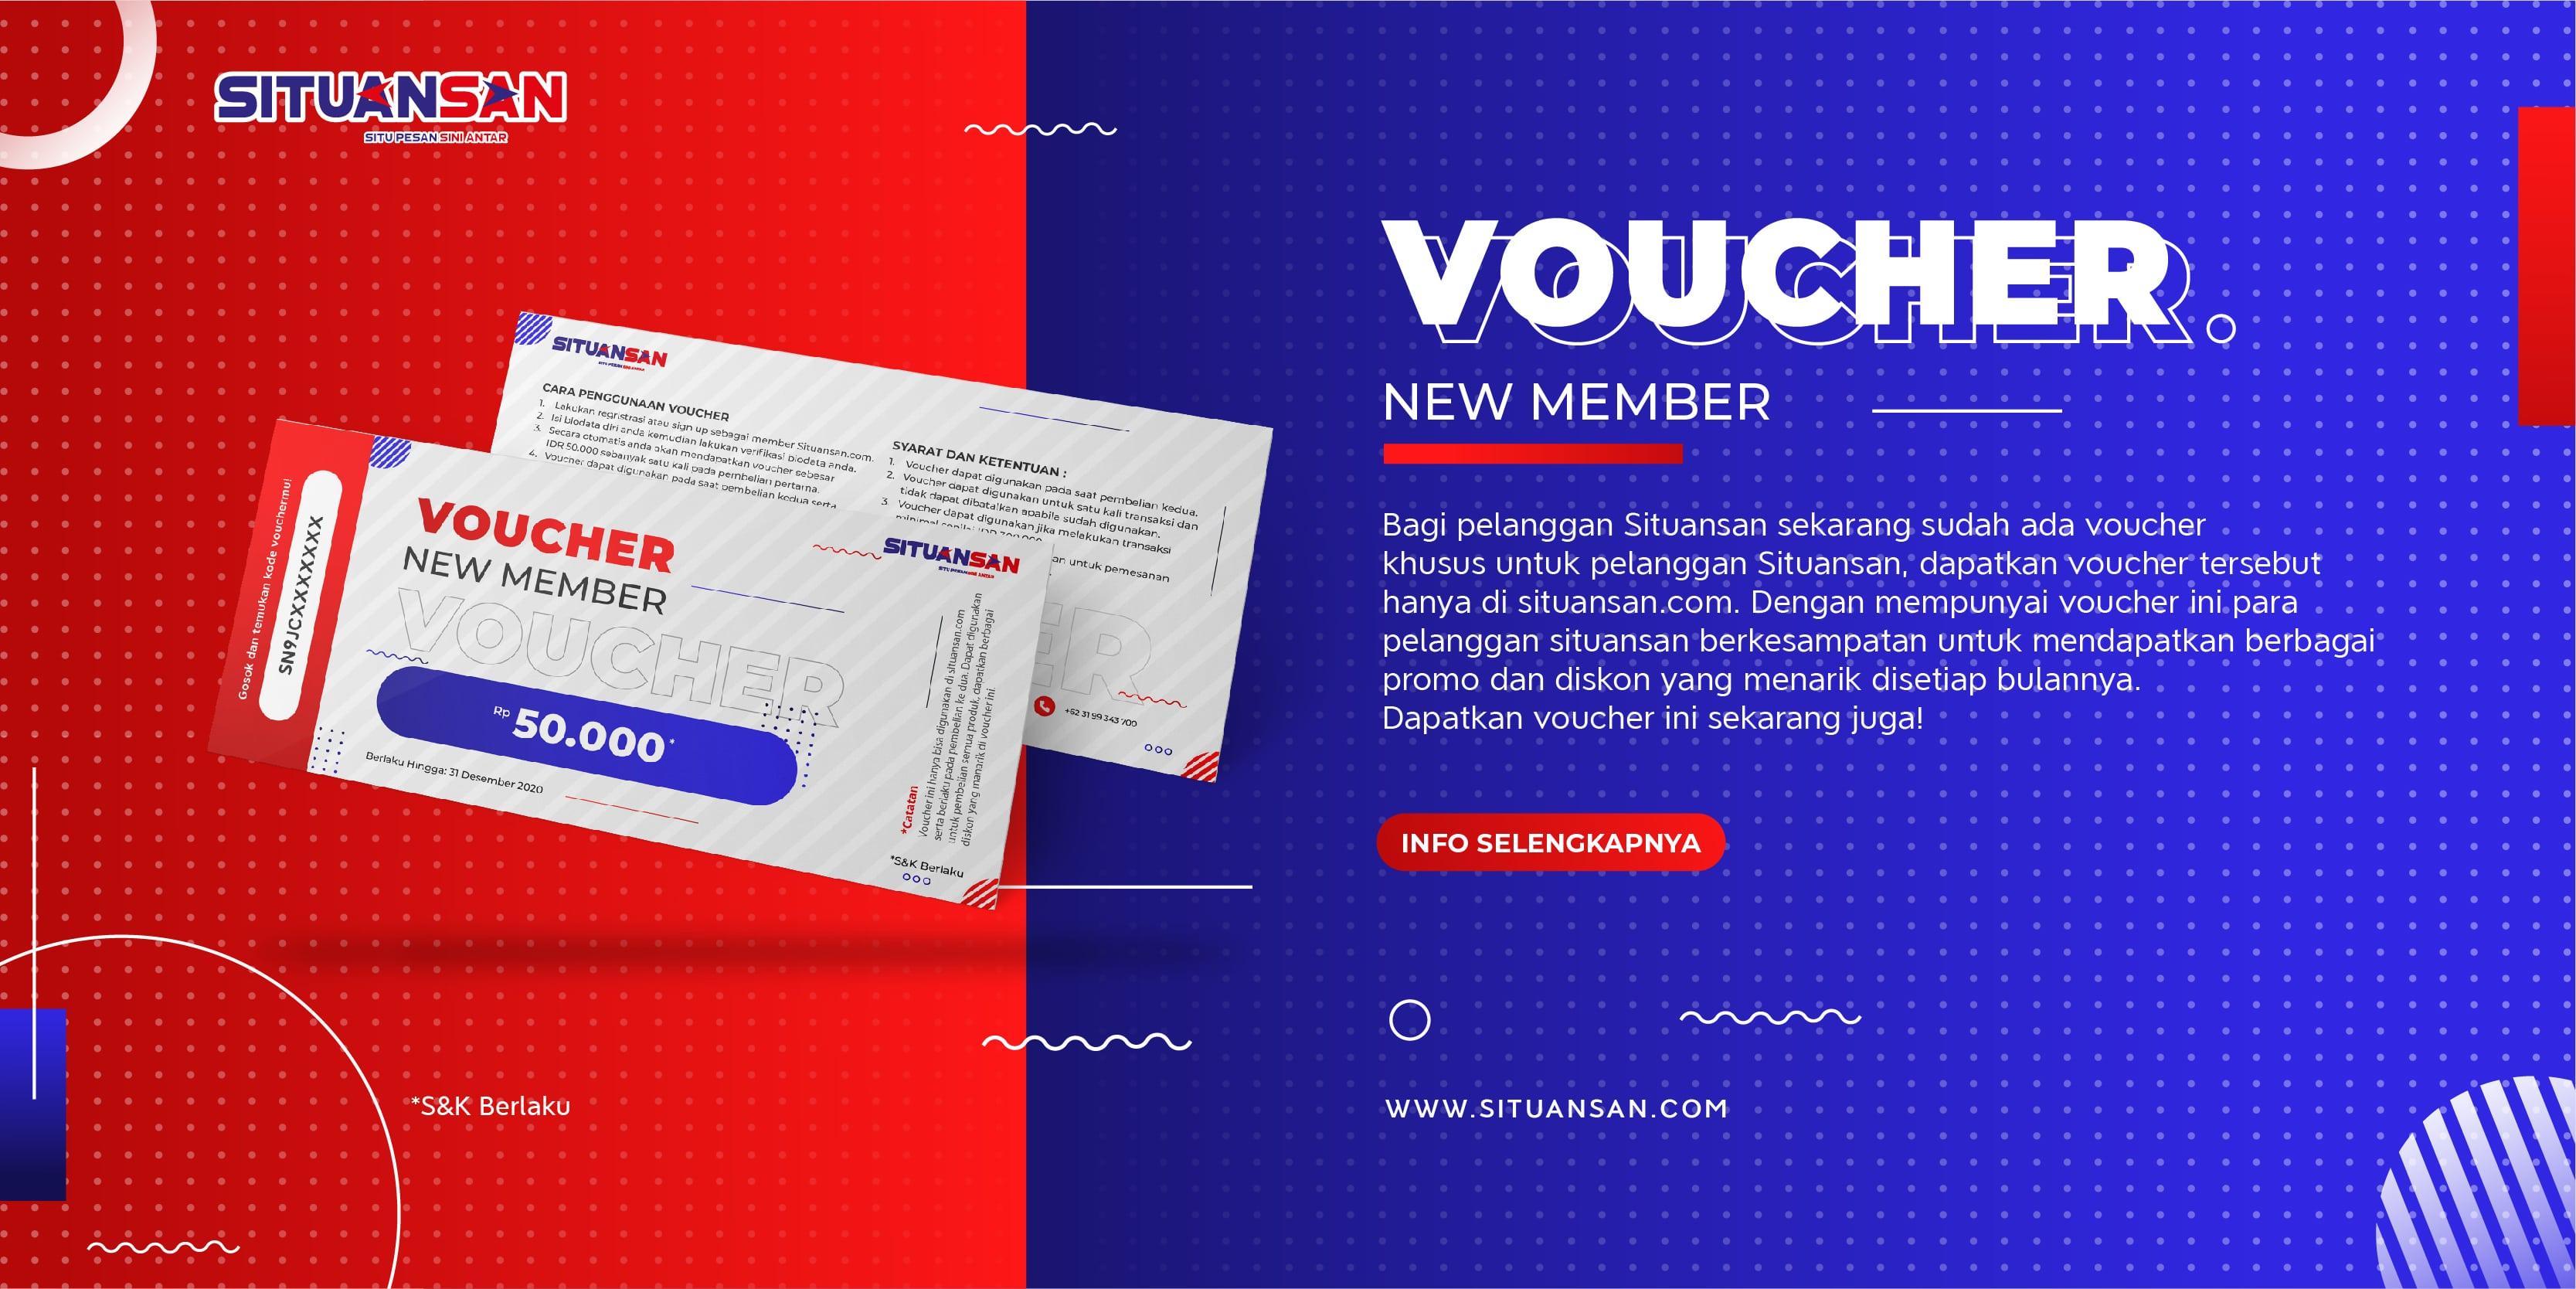 Voucher New Member